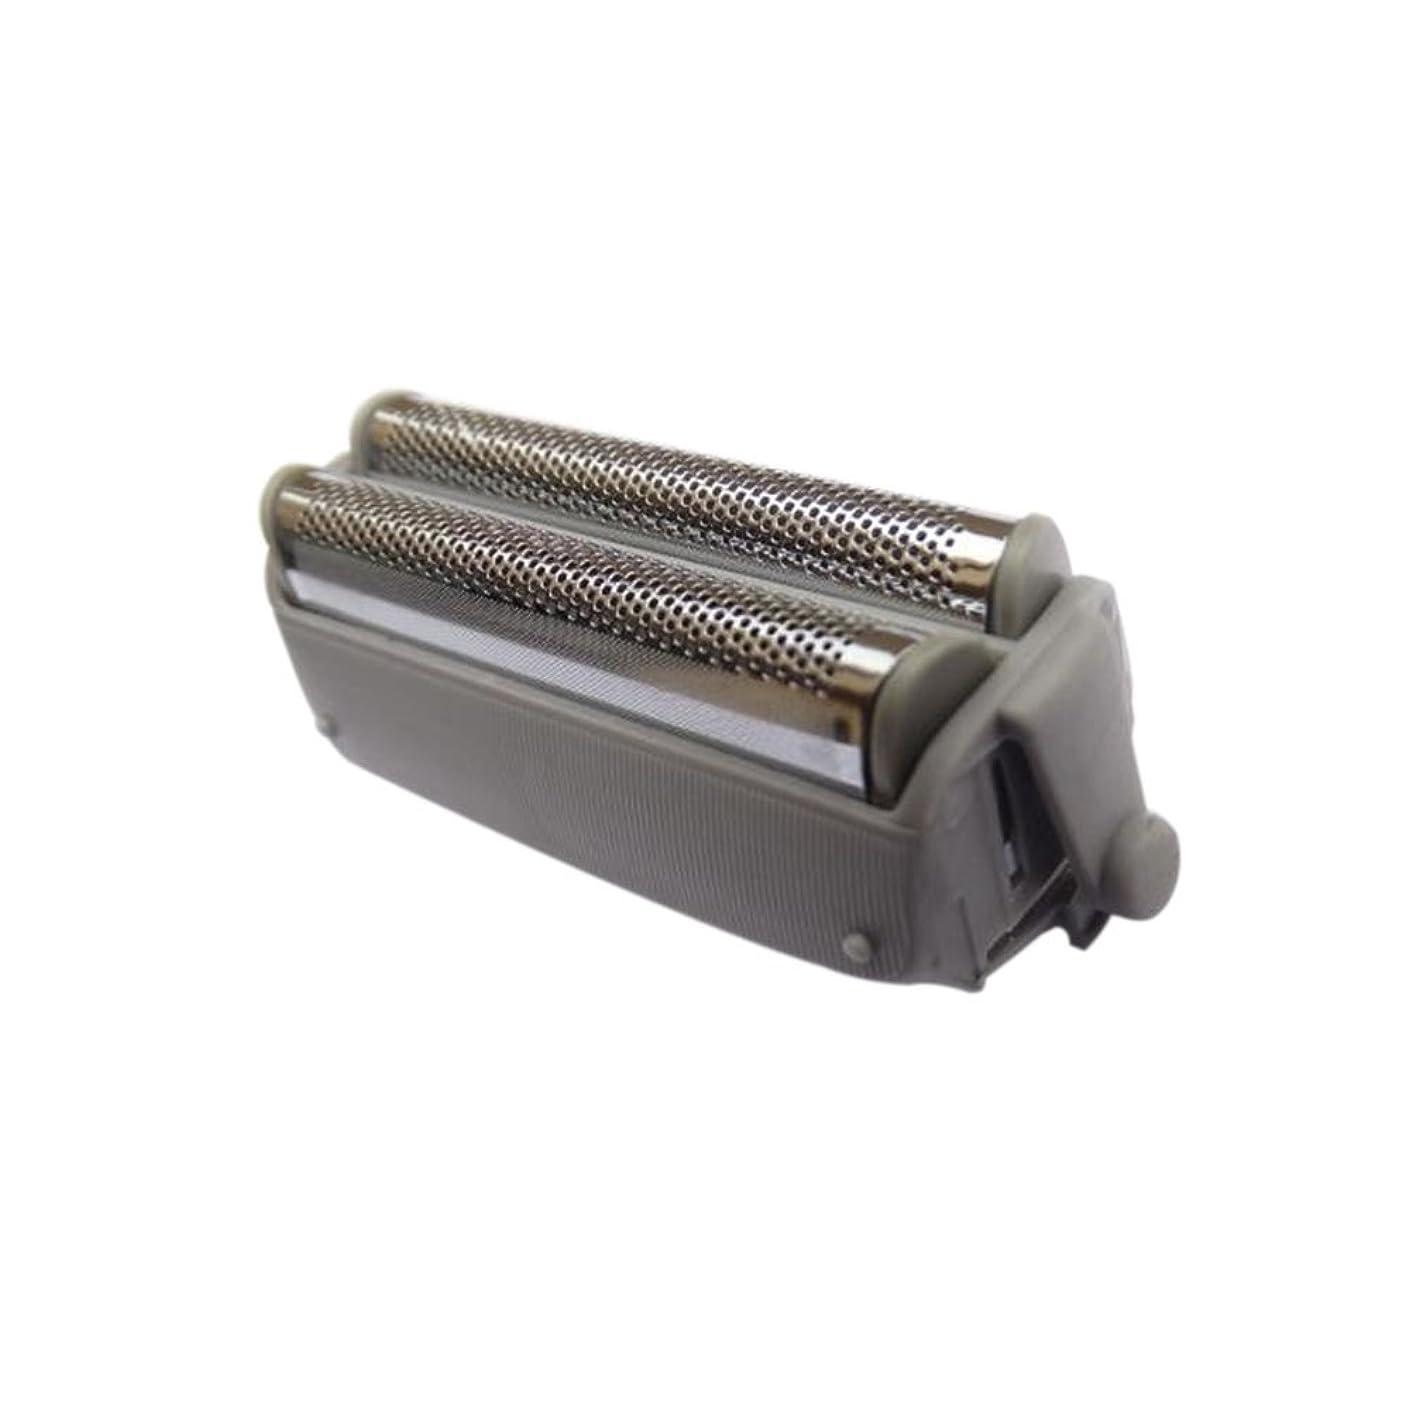 履歴書比べる死の顎HZjundasi Replacement Outer ホイル for Panasonic ES4035/RW30 ES9859